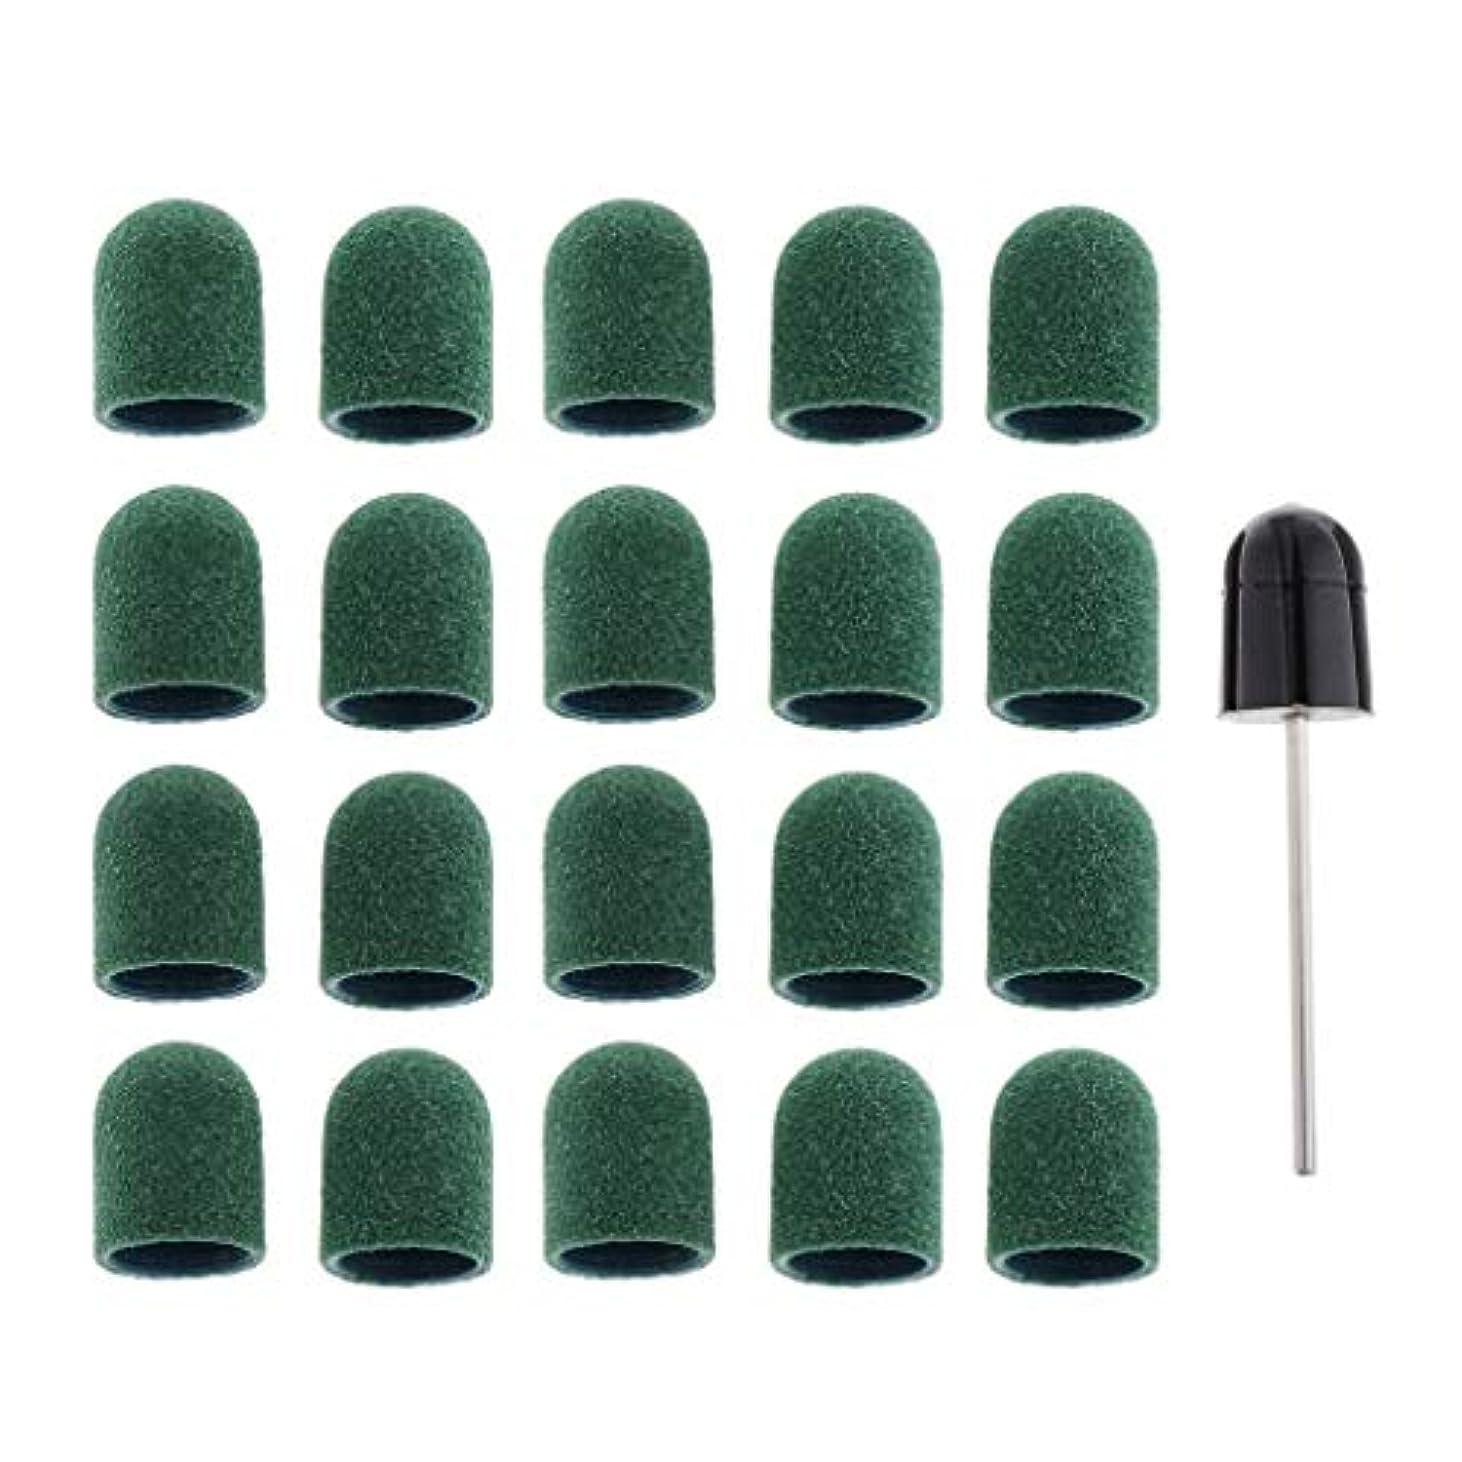 脈拍コンピューターを使用する温かいDYNWAVE ネイルアート ネイル研磨 ネイルドリルブロックキャップ ネイルアートサンディングバンド 全5カラー - 緑